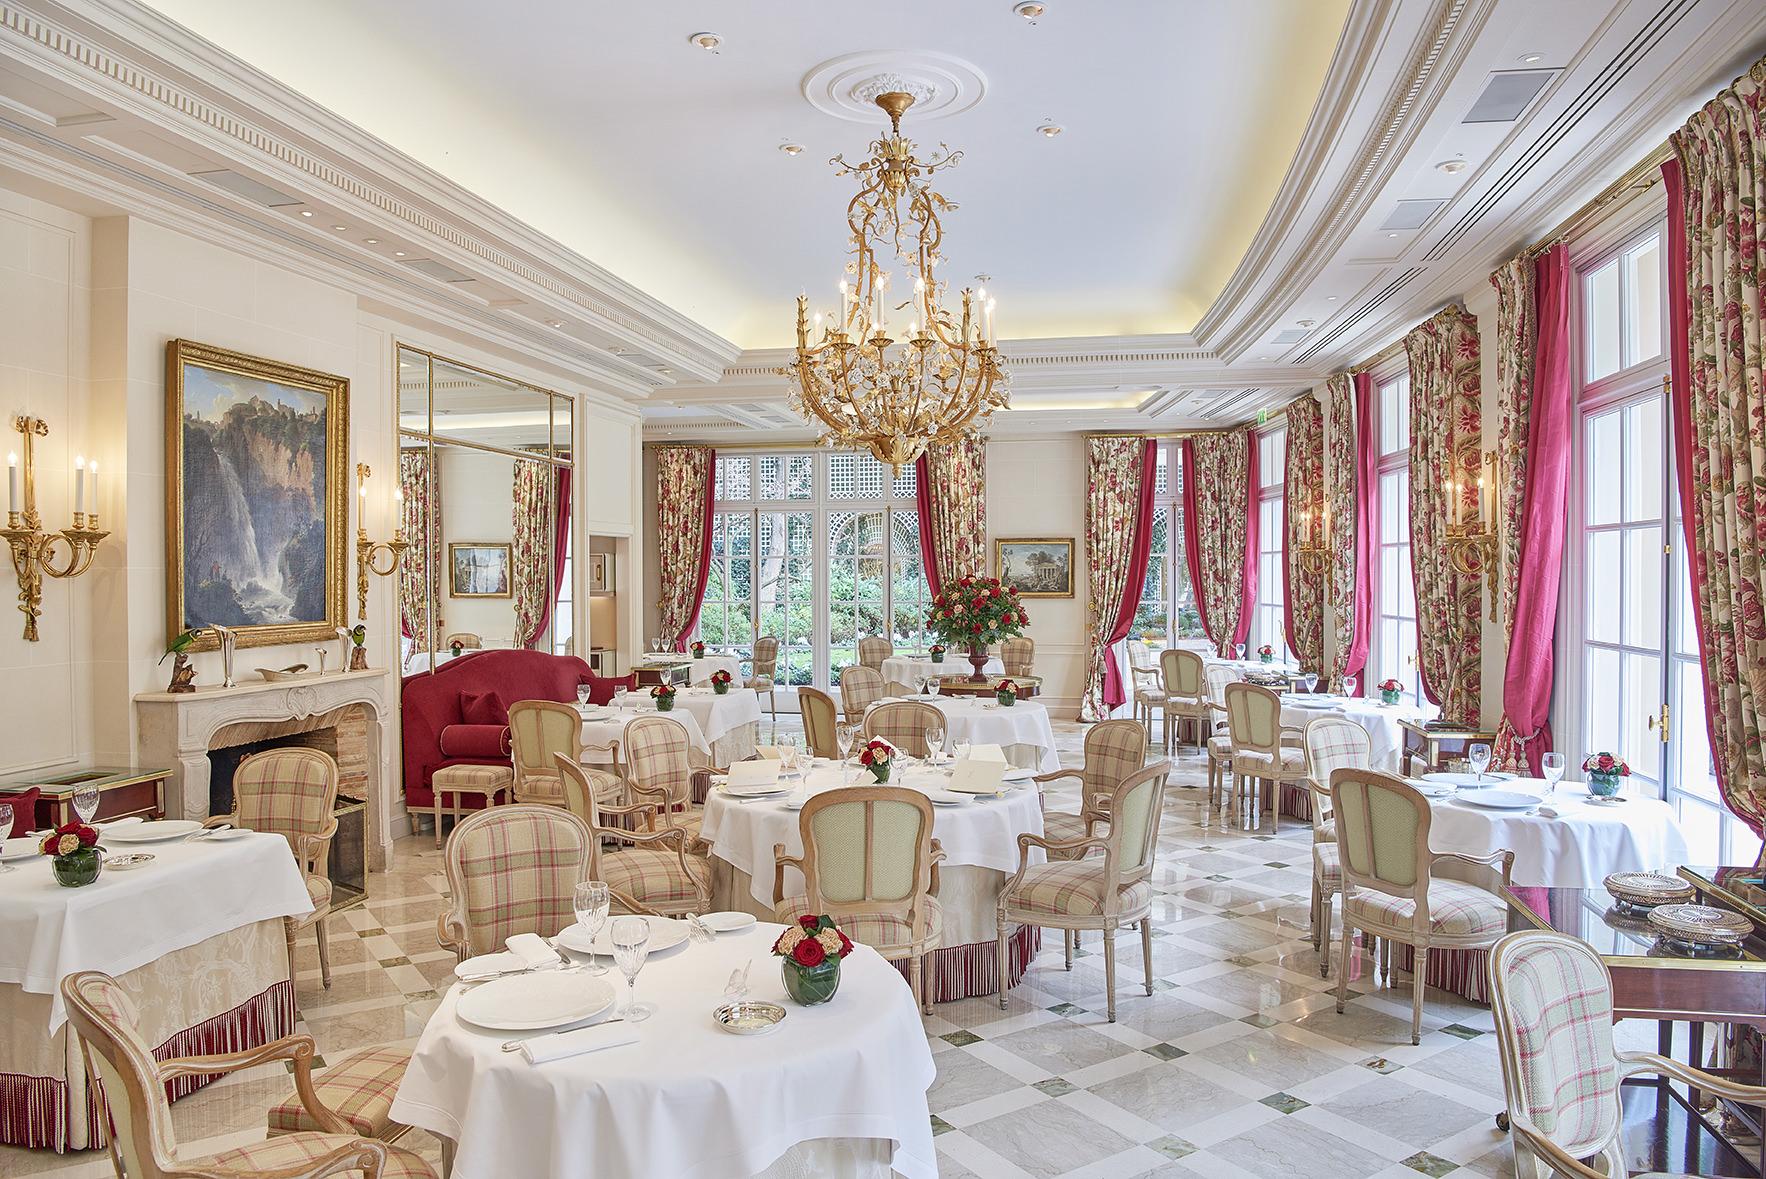 Hôtel Le Bristol Paris(ホテル・ル・ブリストル・パリ)内観